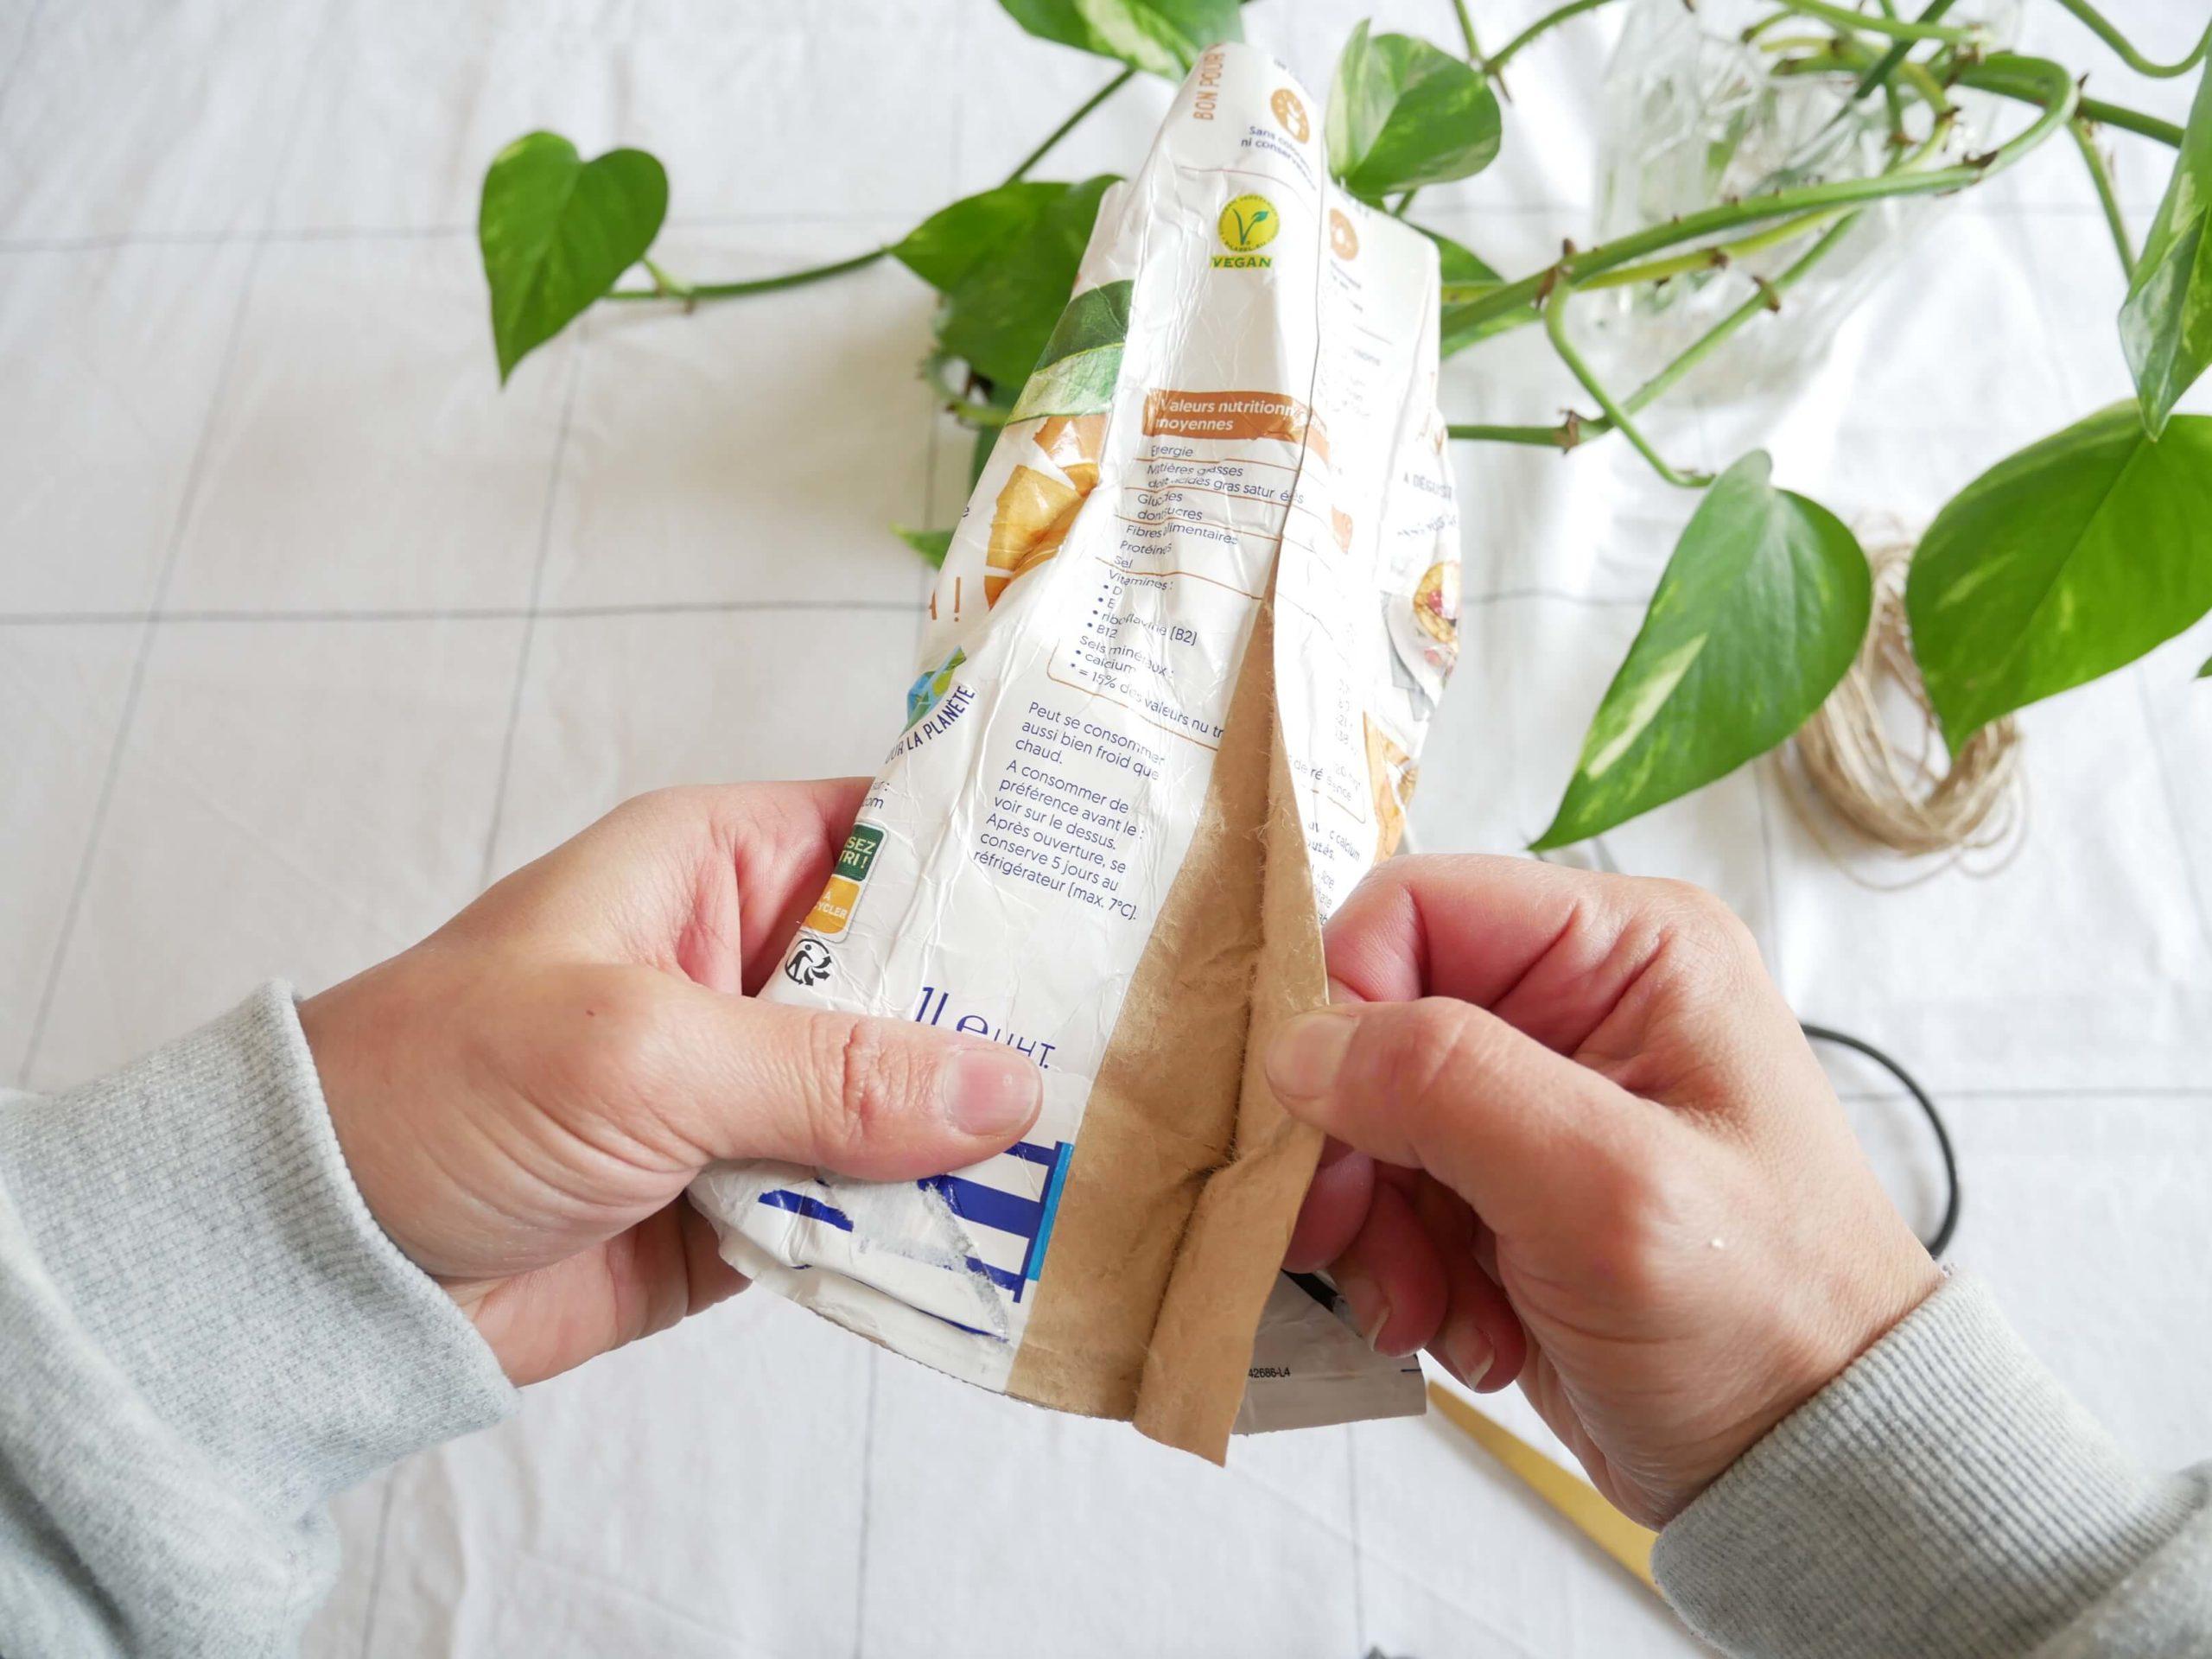 tutoriel-recyclage-principe8-lesateliersdangelique-auboulotcocotte